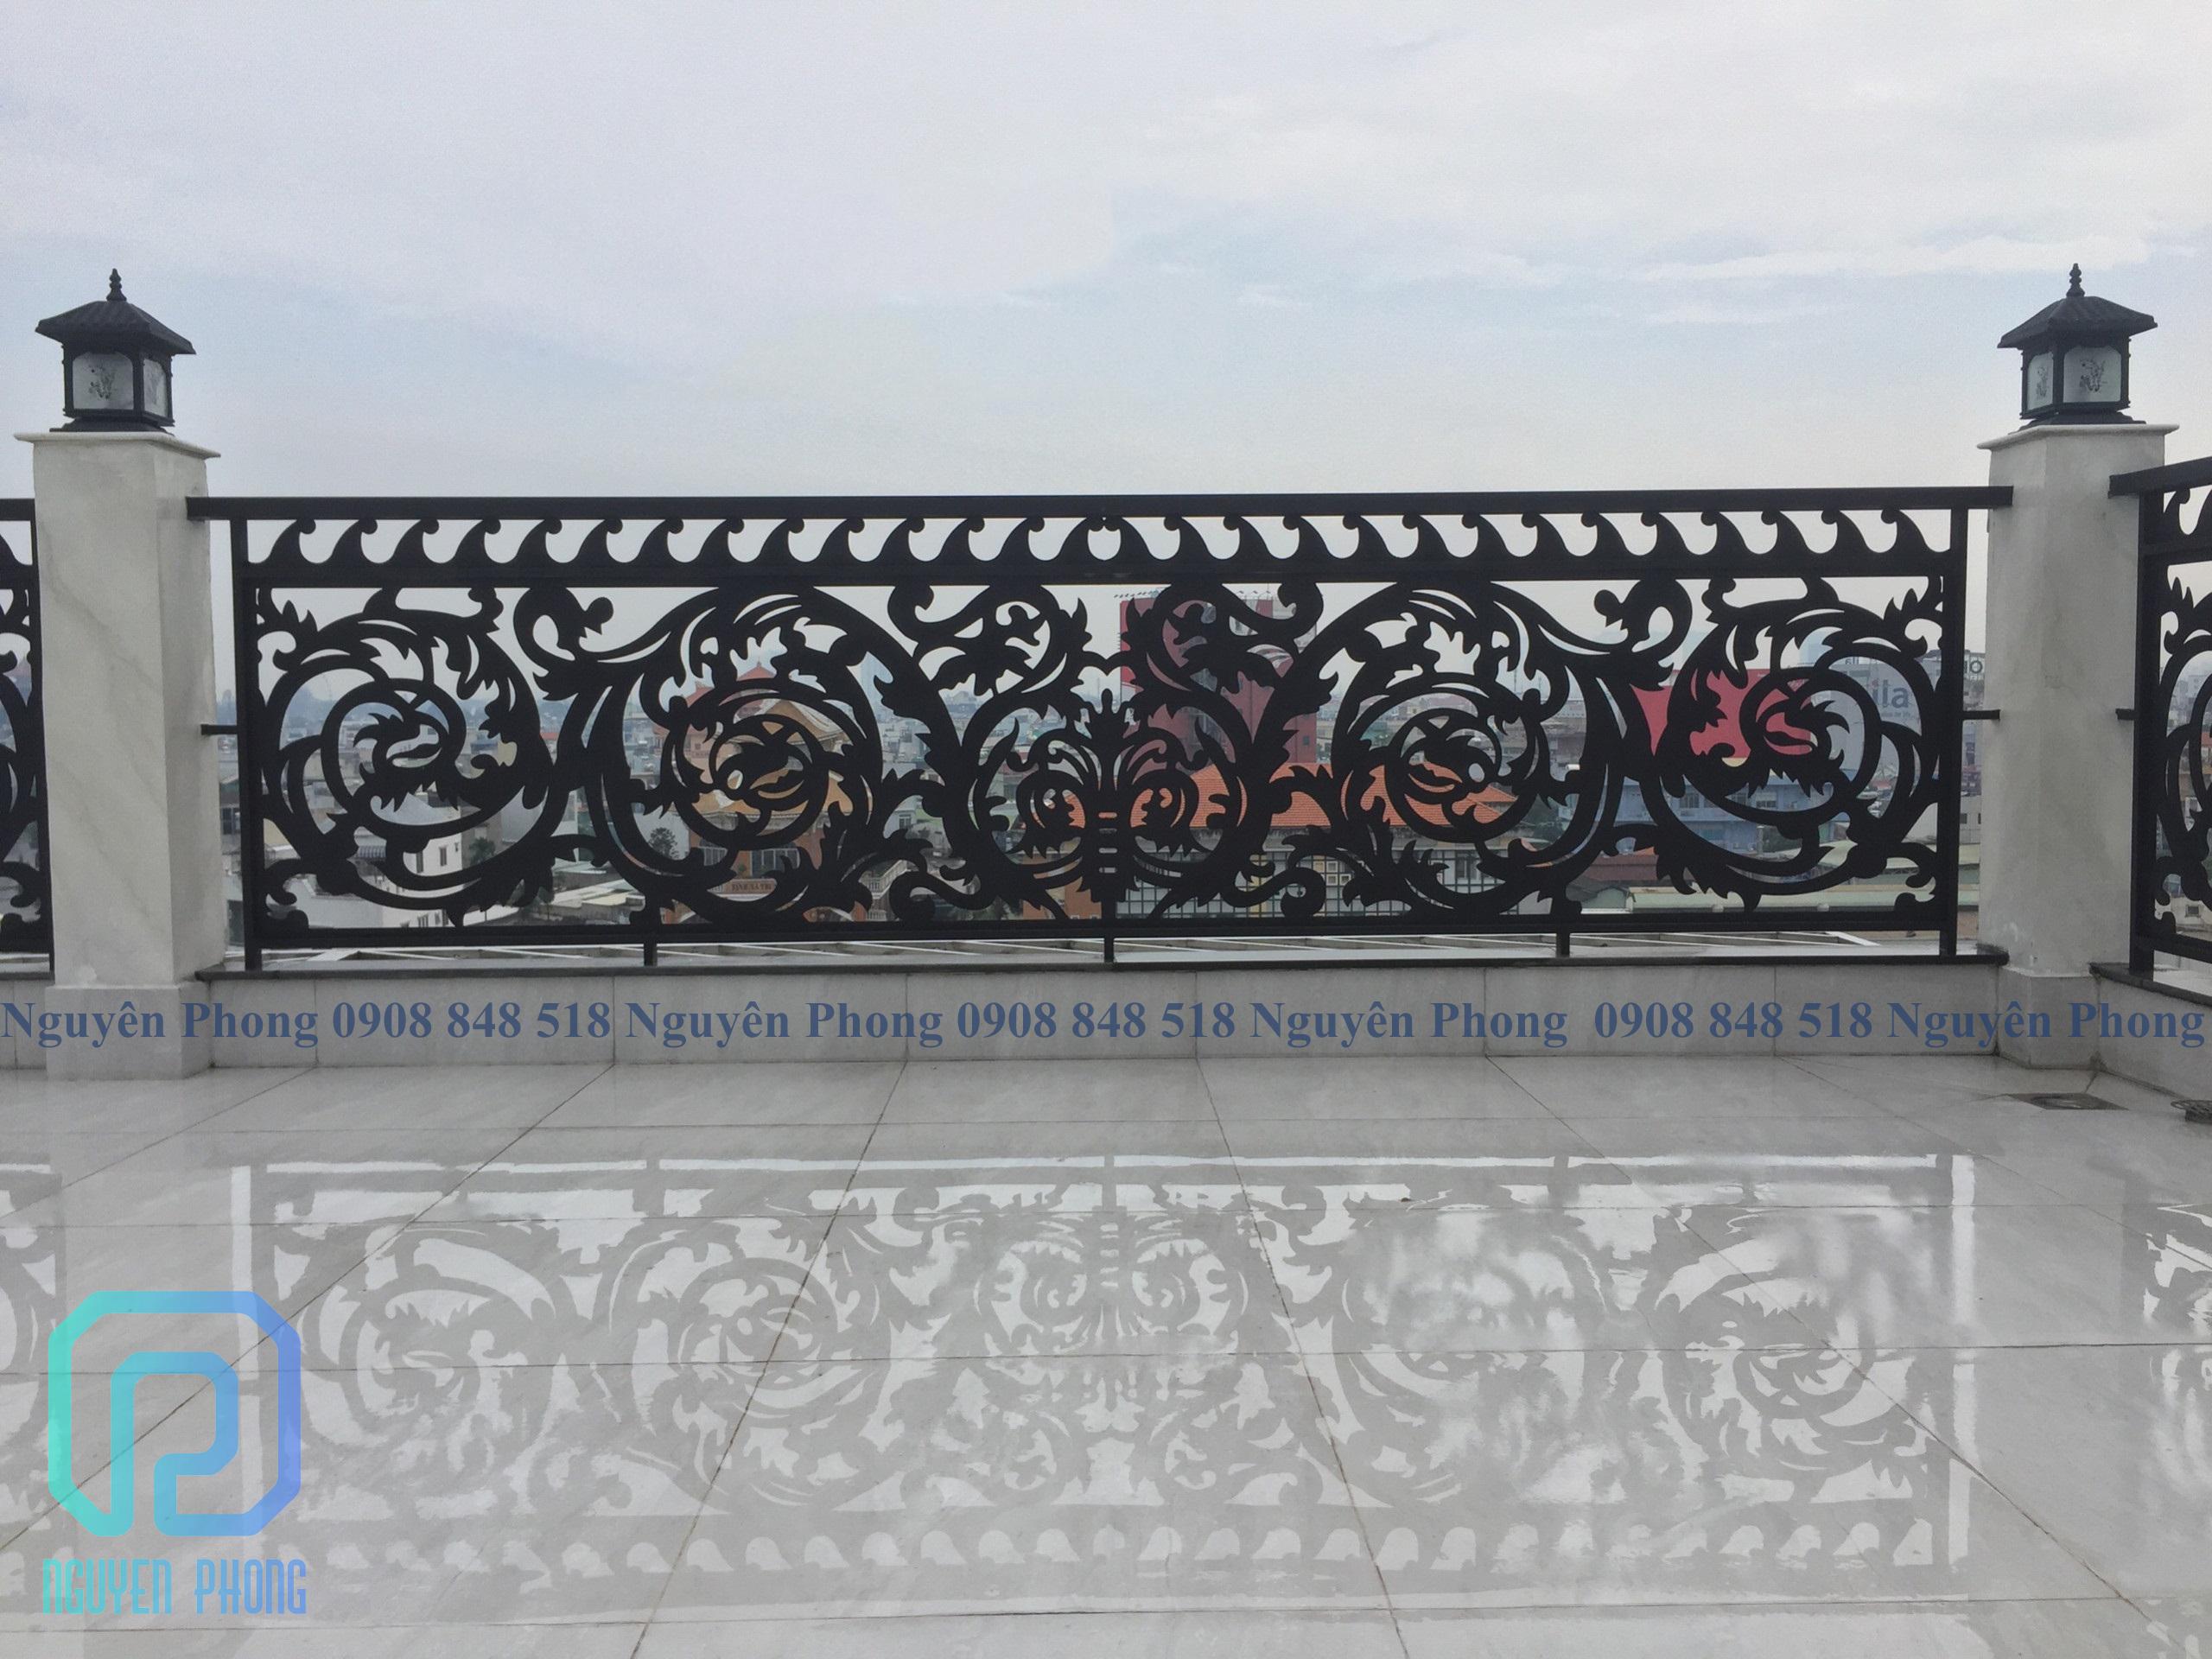 Tại sao nên lựa chọn lan can ban công sắt CNC nghệ thuật cho biệt thự, nhà phố 2020